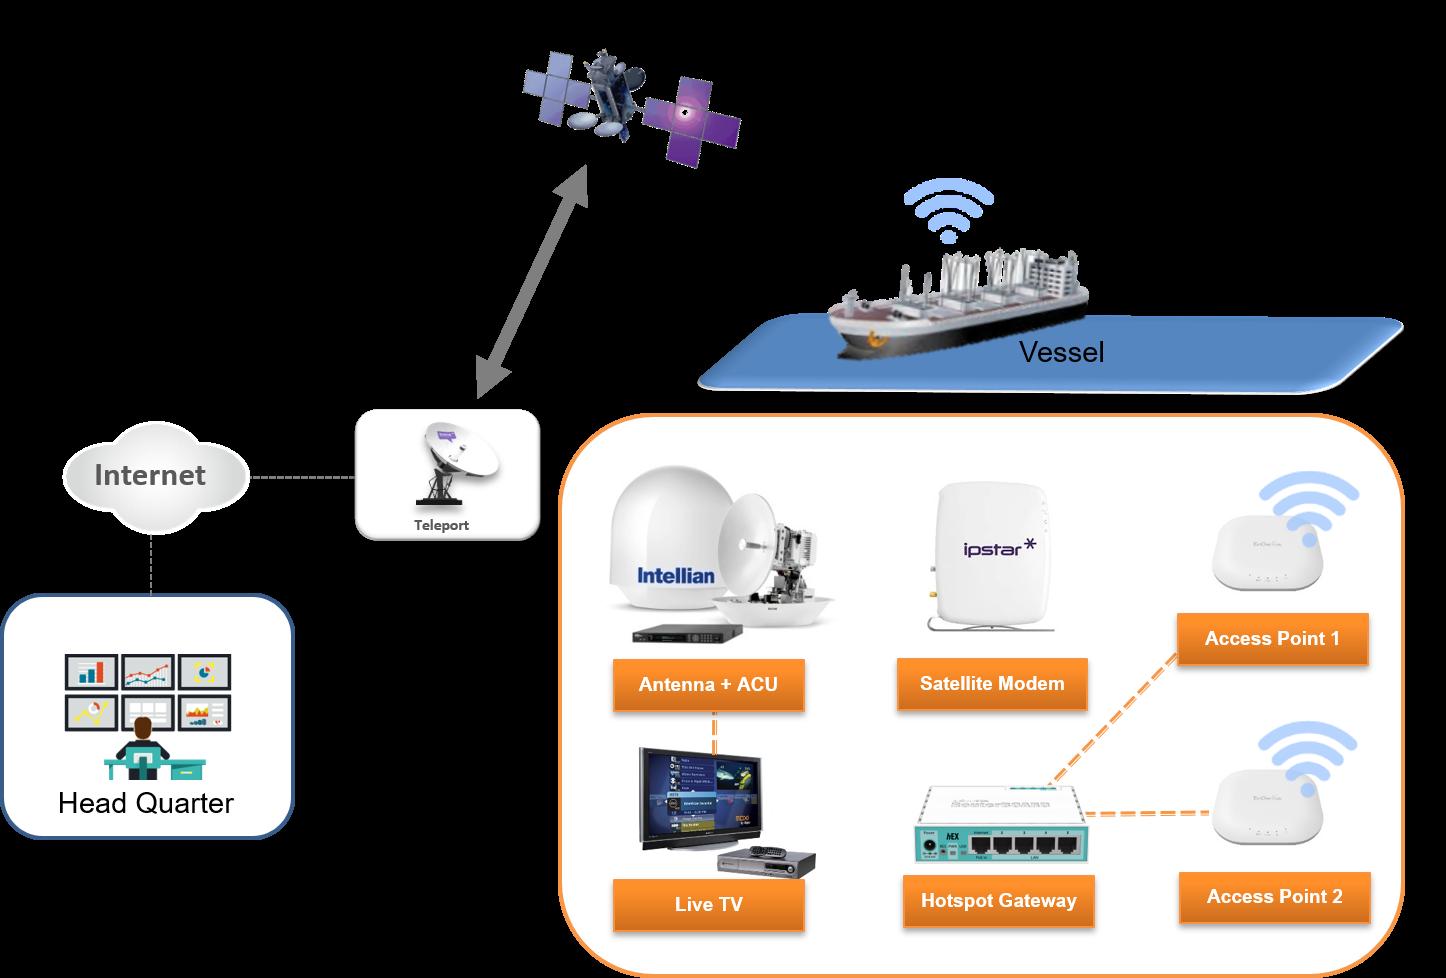 SATELLITE VSAT & INTERNET - Ship Expert Technology